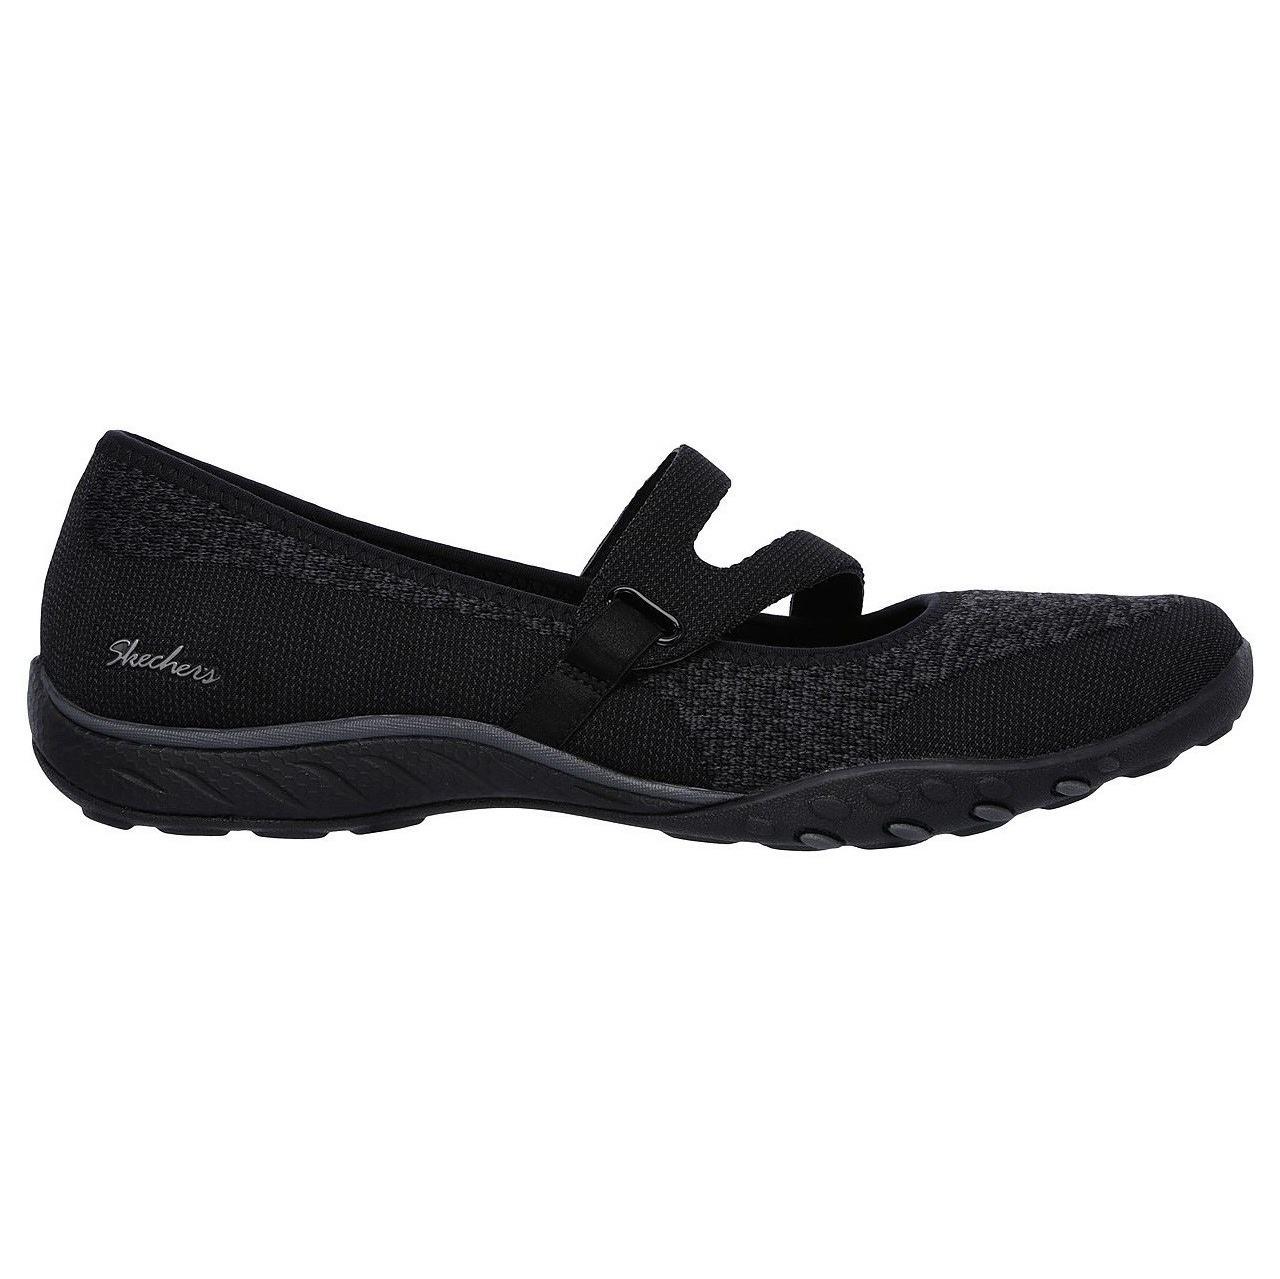 کفش راحتی زنانه اسکچرز مدل 23005BLK -  - 6